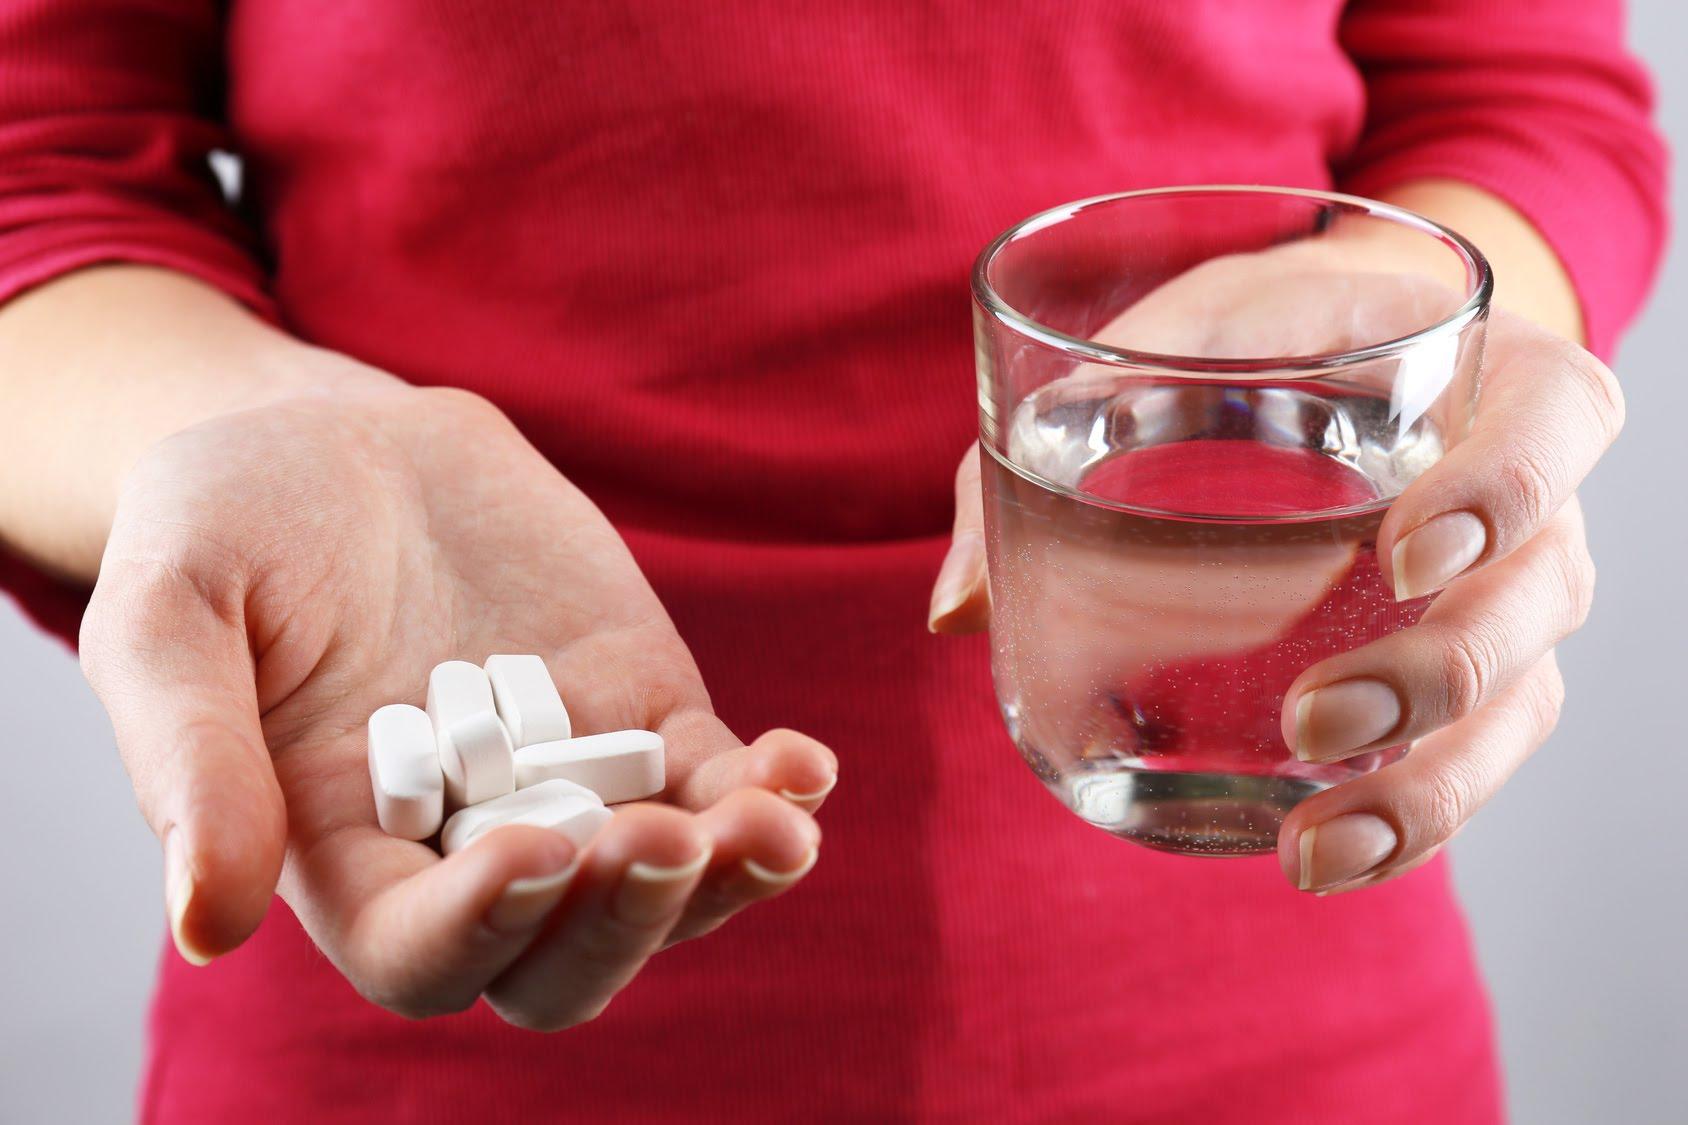 Антибиотики после удаления зуба мудрости